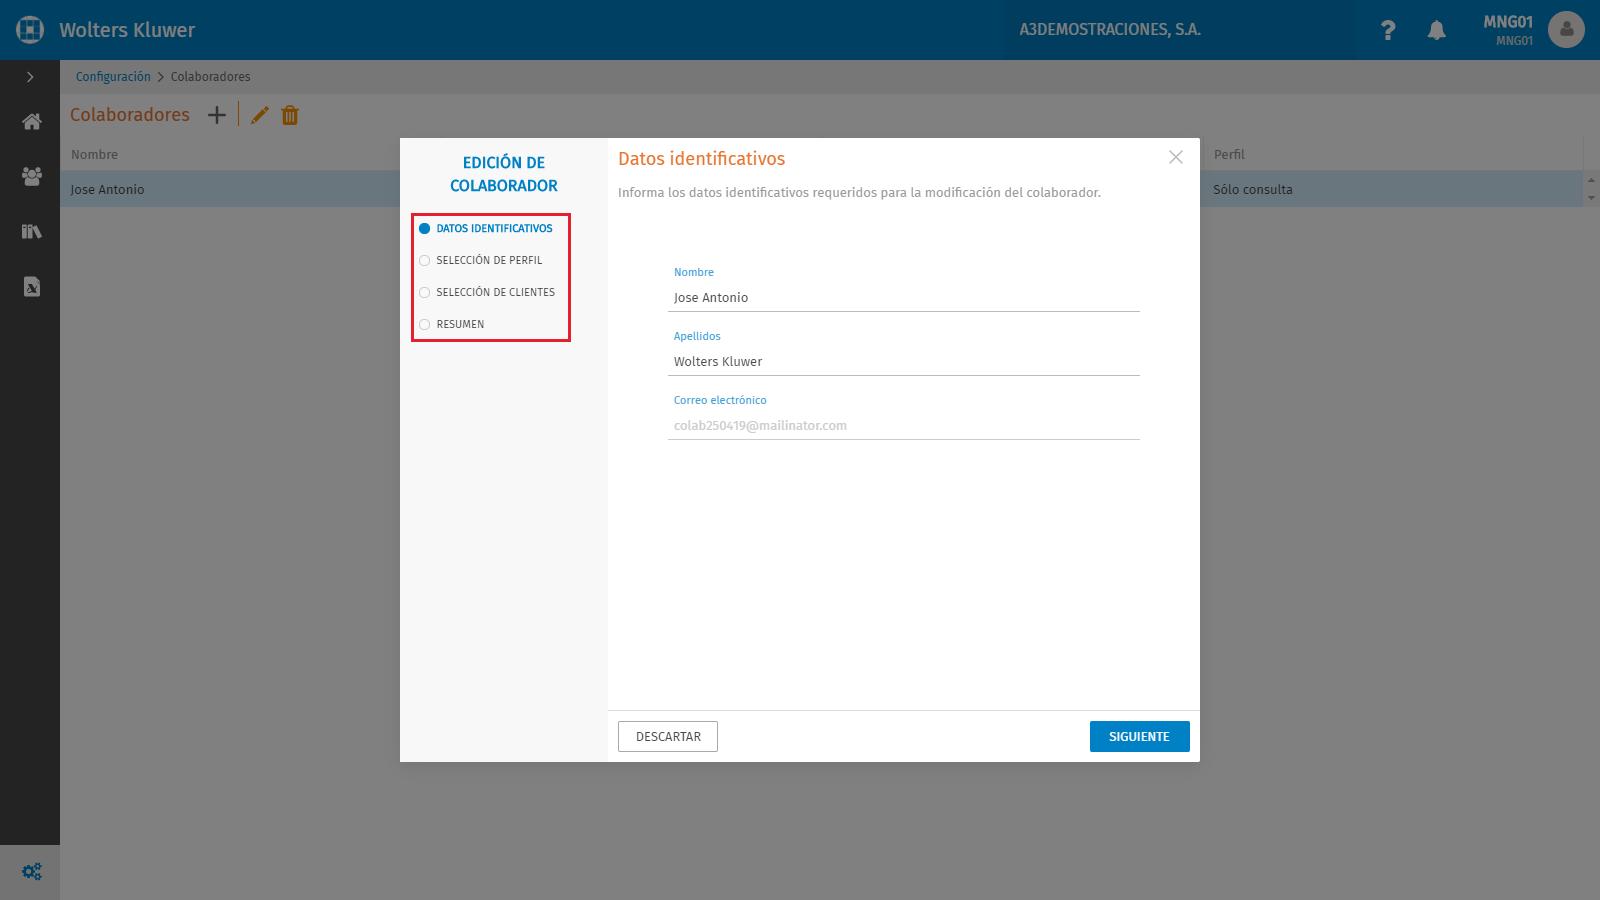 Configuracion Edicion de colaborador